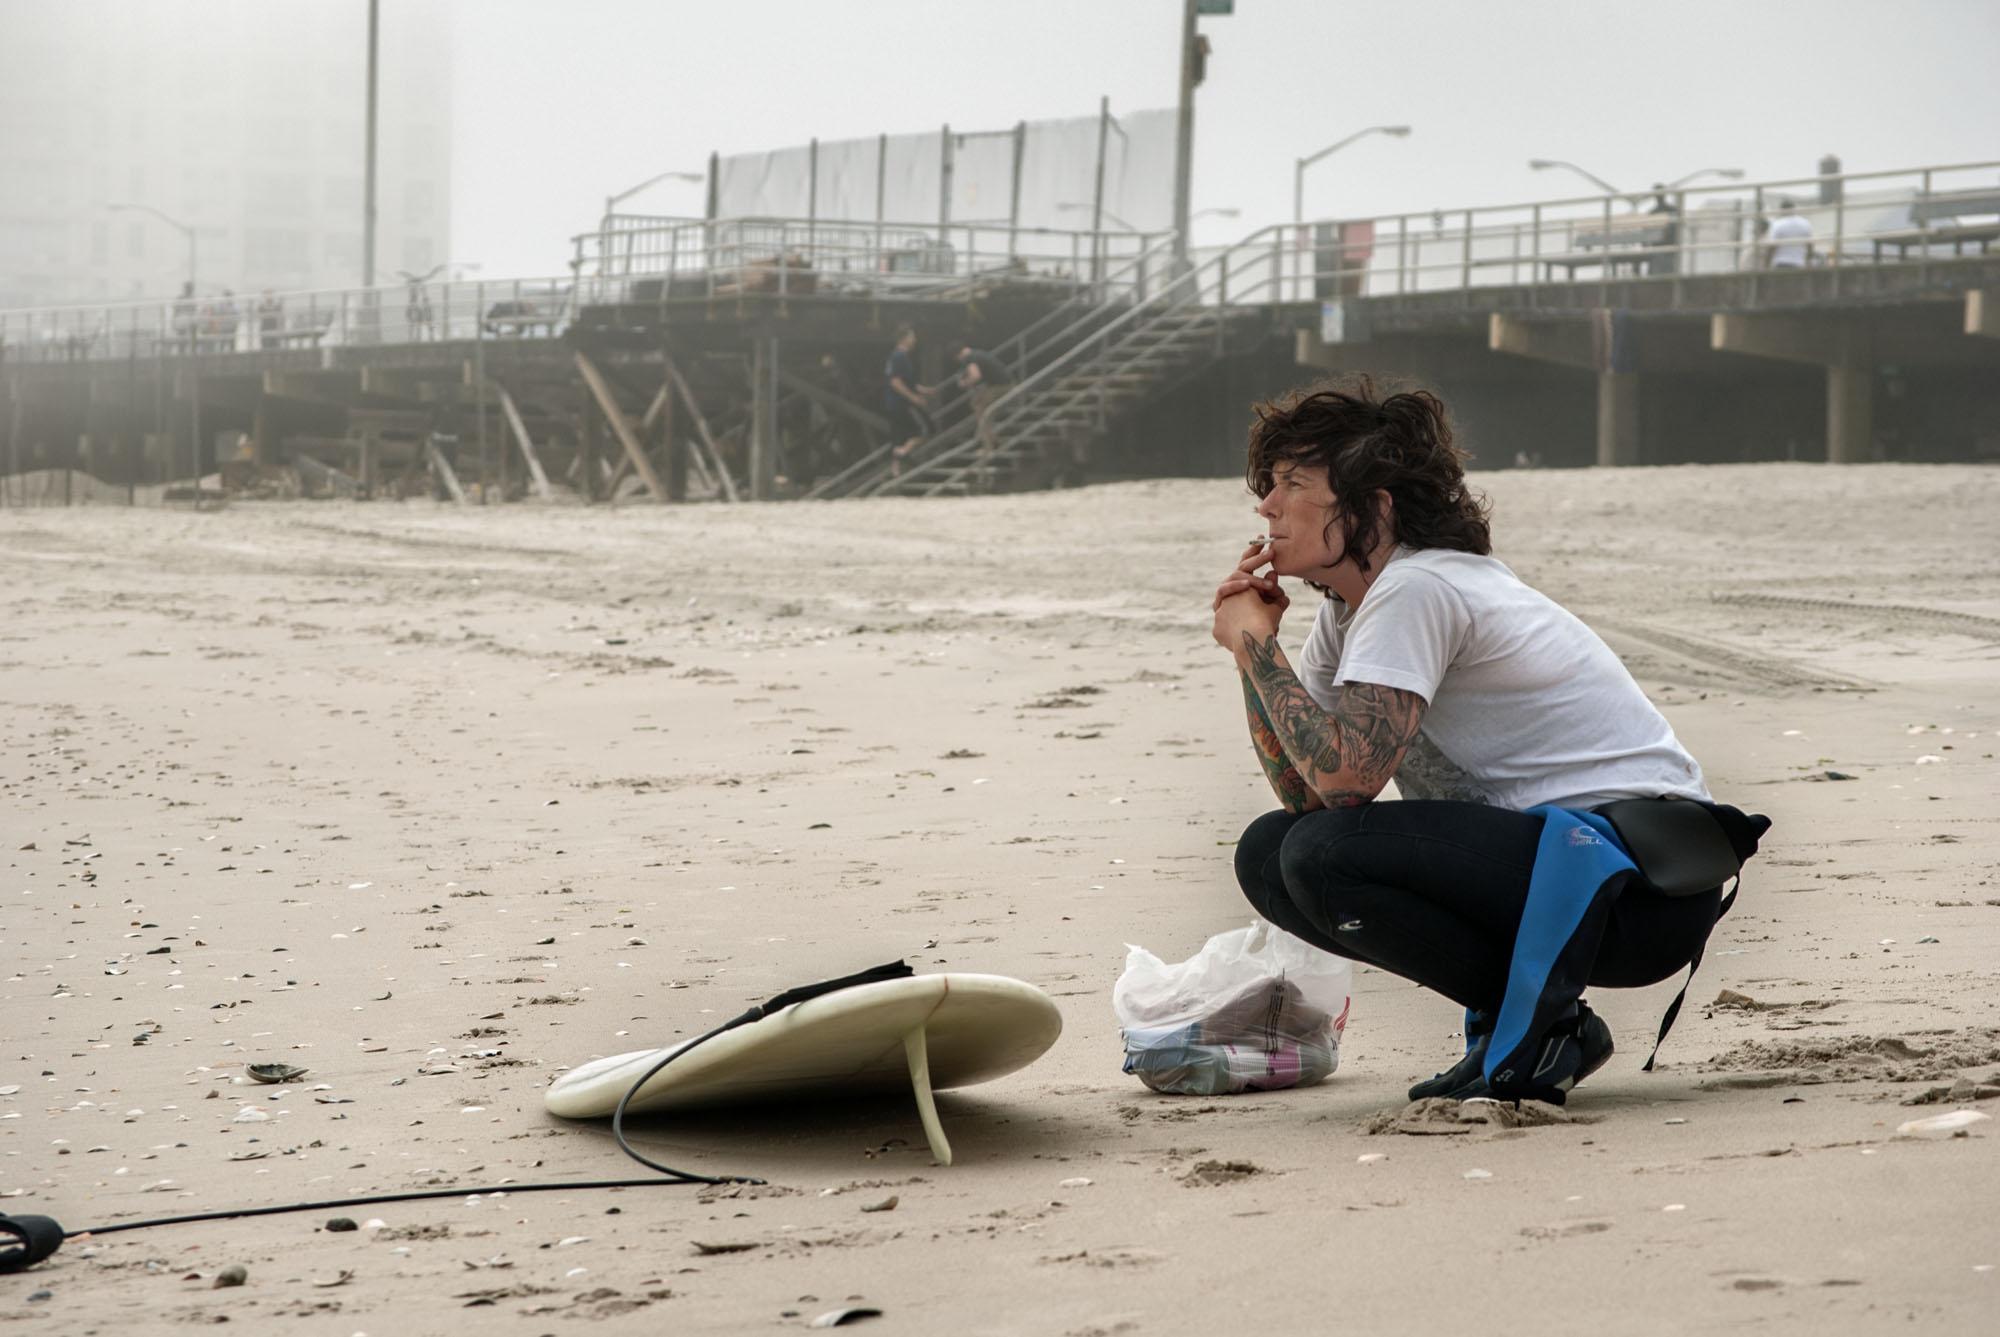 Surfer 5.25.2012